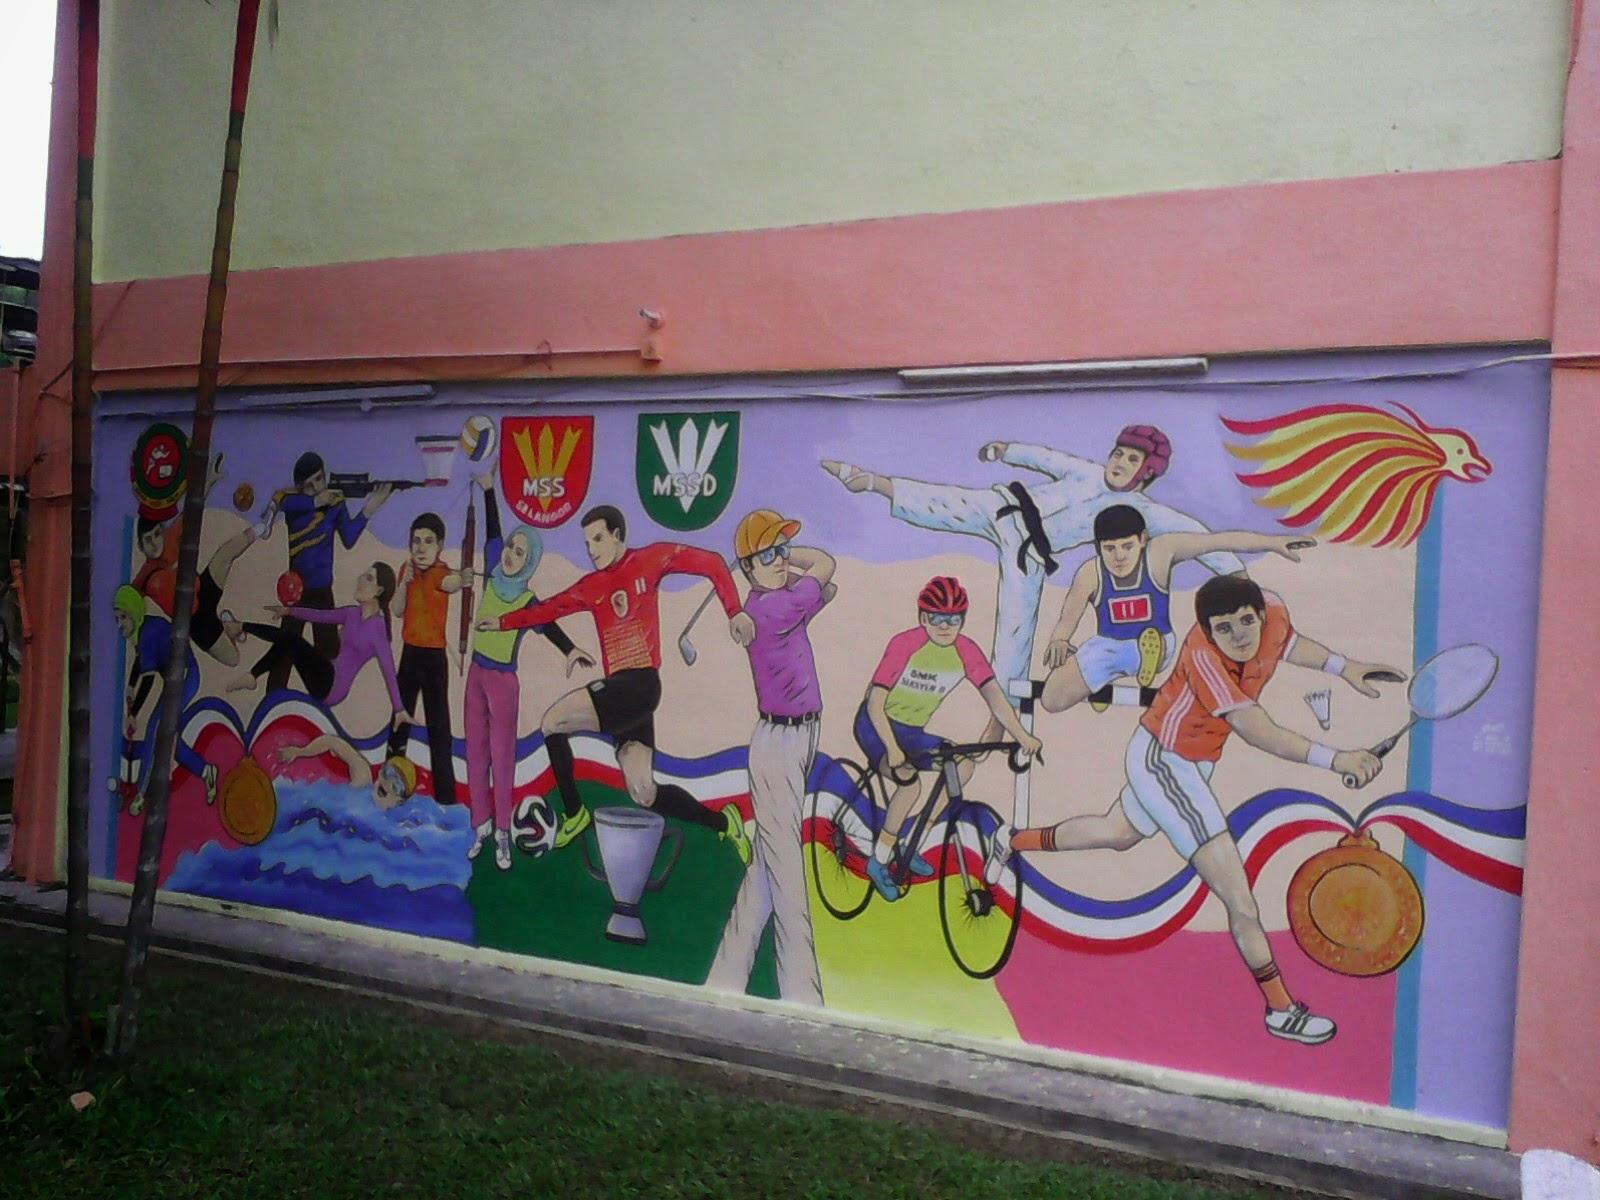 Pin mural sekolah on pinterest for Mural tadika